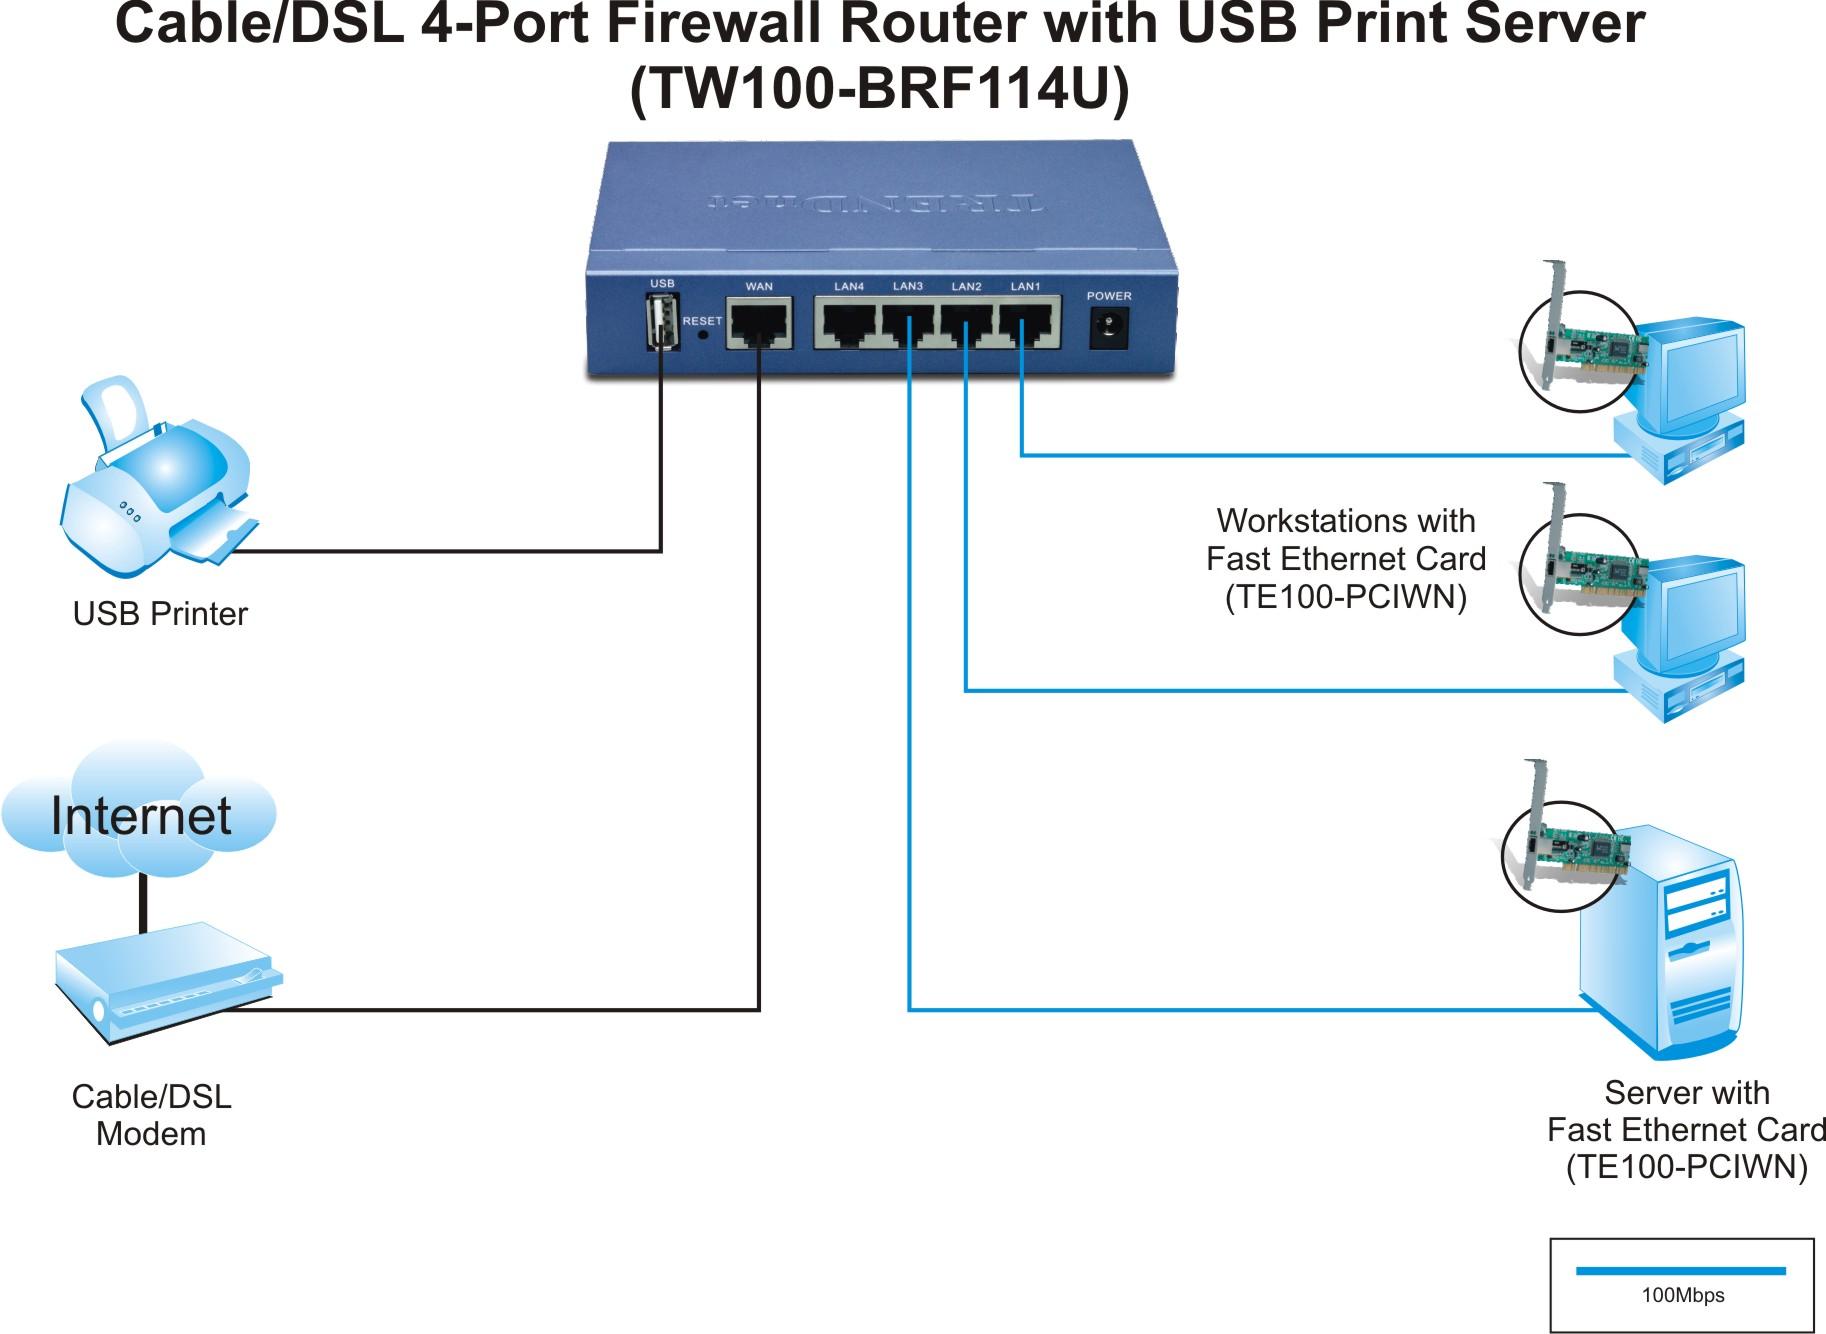 trendnet tw100 brf114u 10 100mbps cable dsl firewall. Black Bedroom Furniture Sets. Home Design Ideas